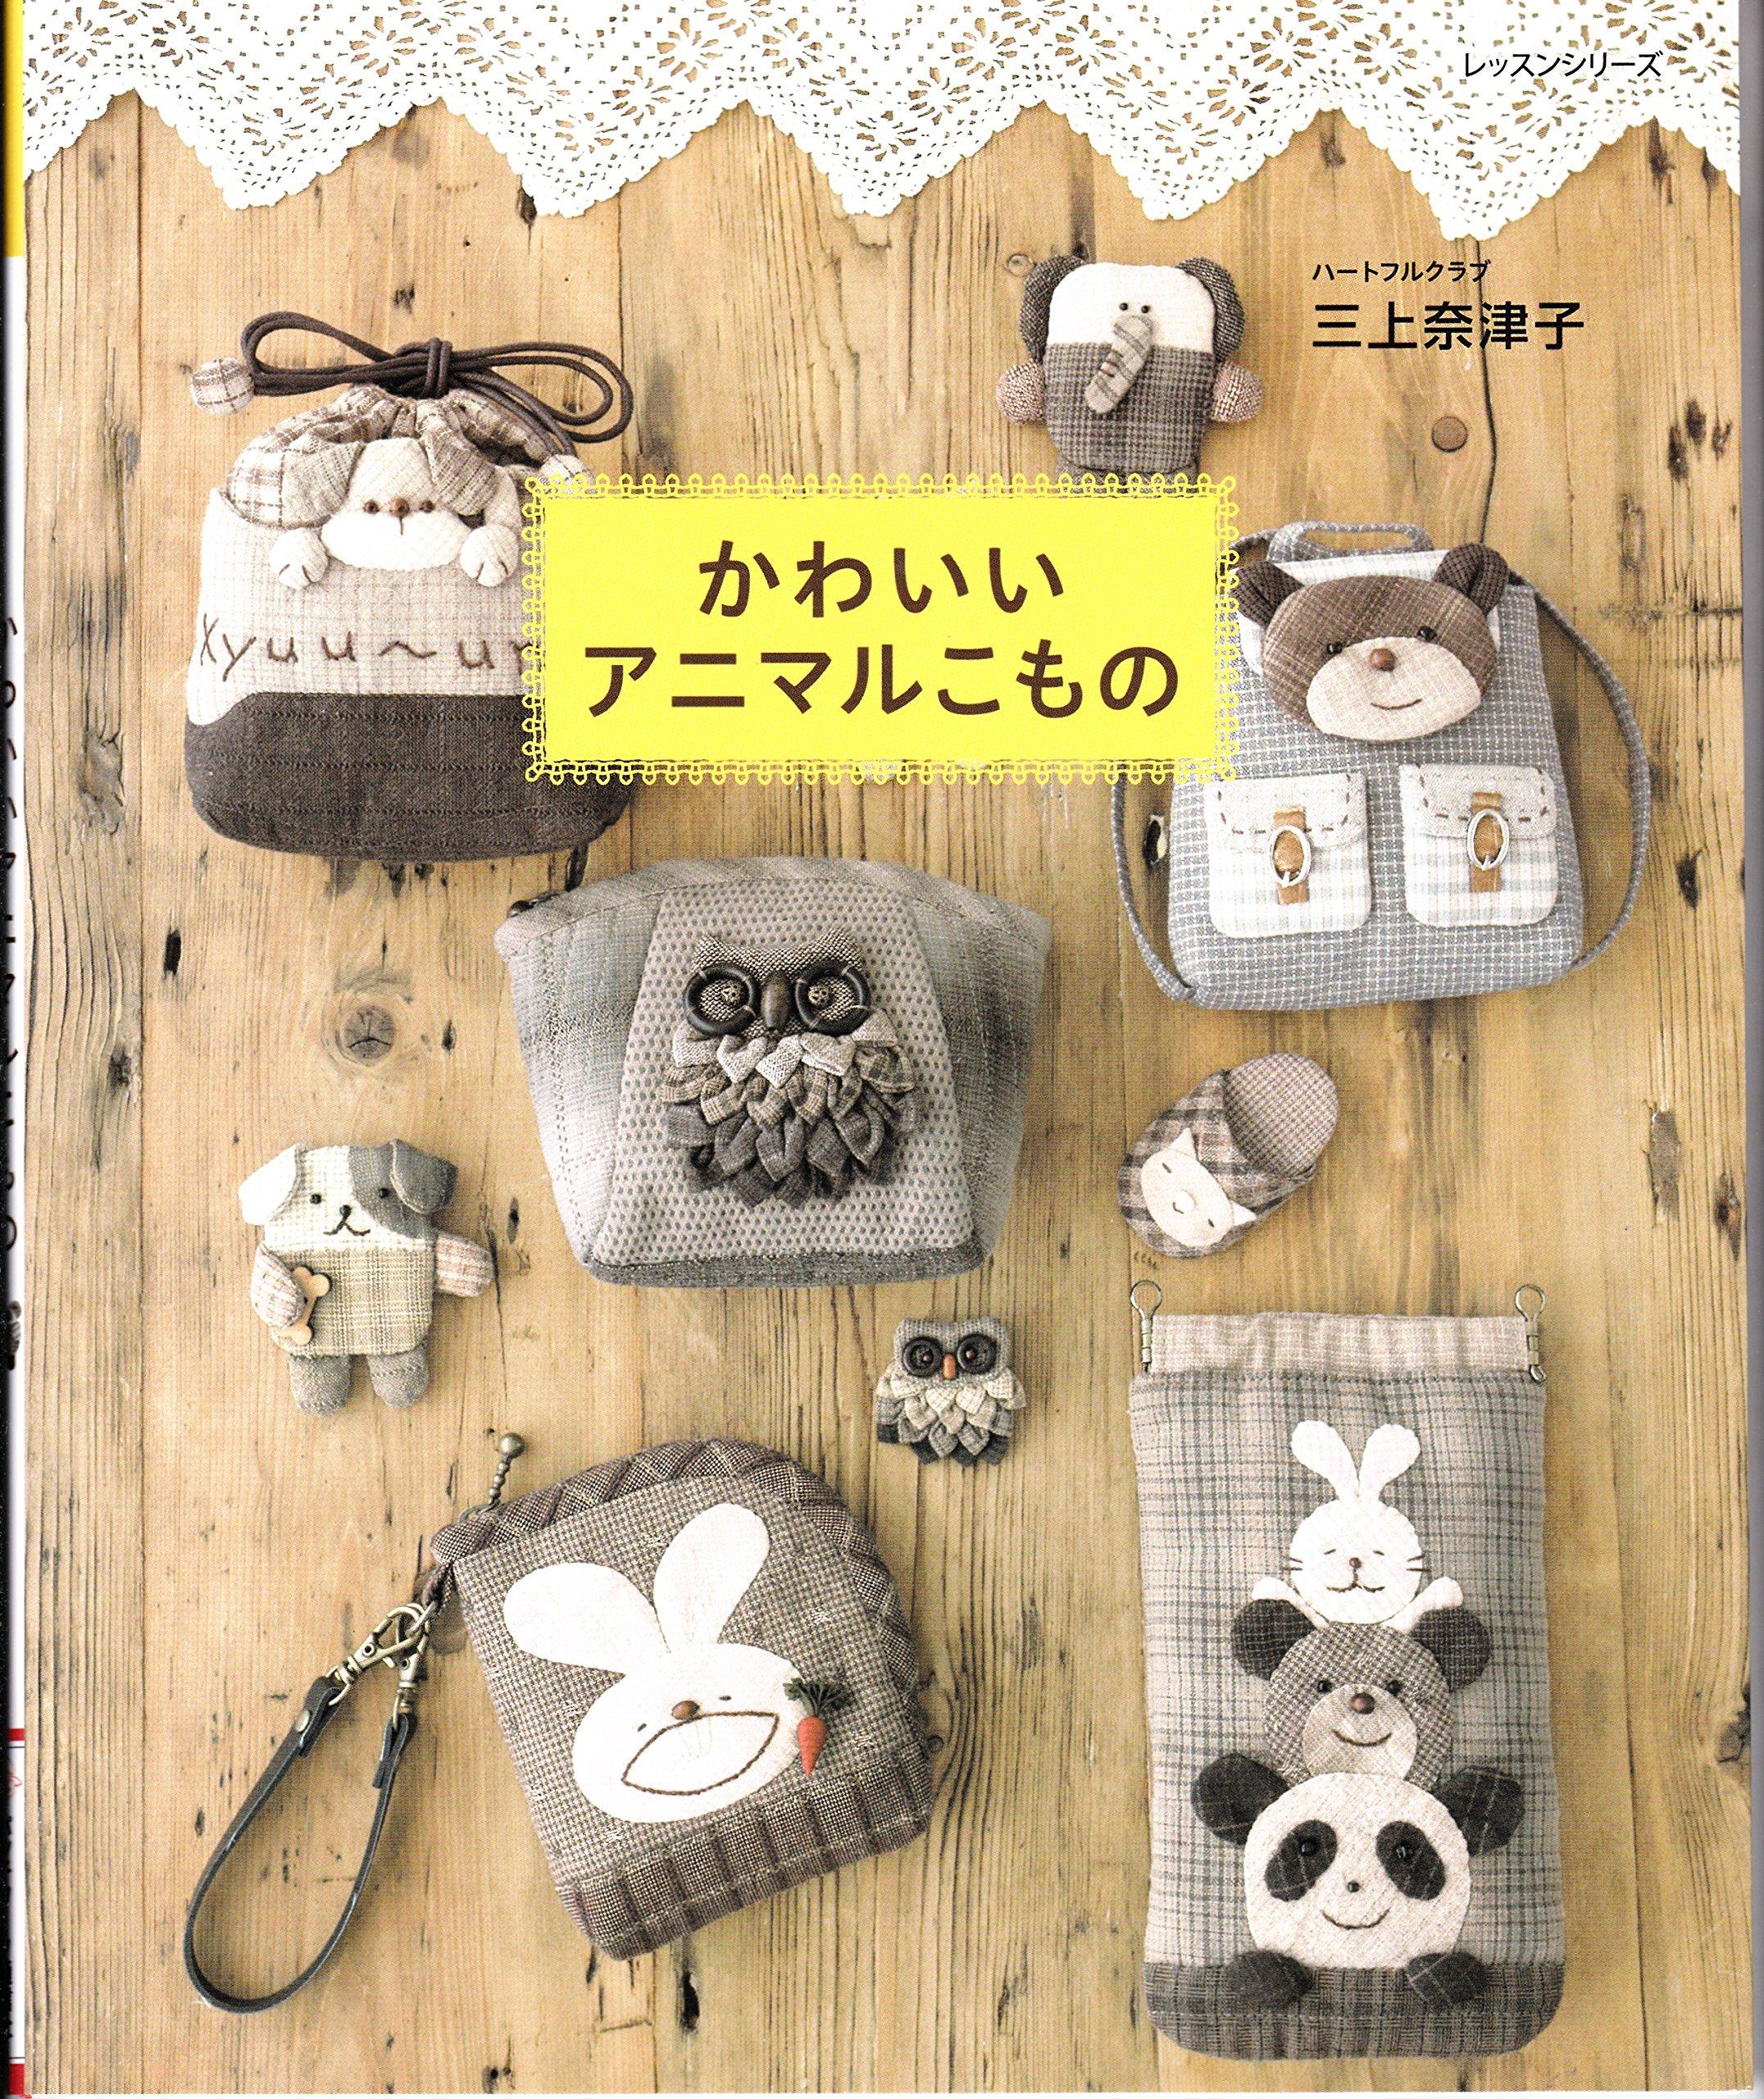 32be9709e かわいいアニマルこもの (レッスンシリーズ): 9784863226494: Amazon.com ...